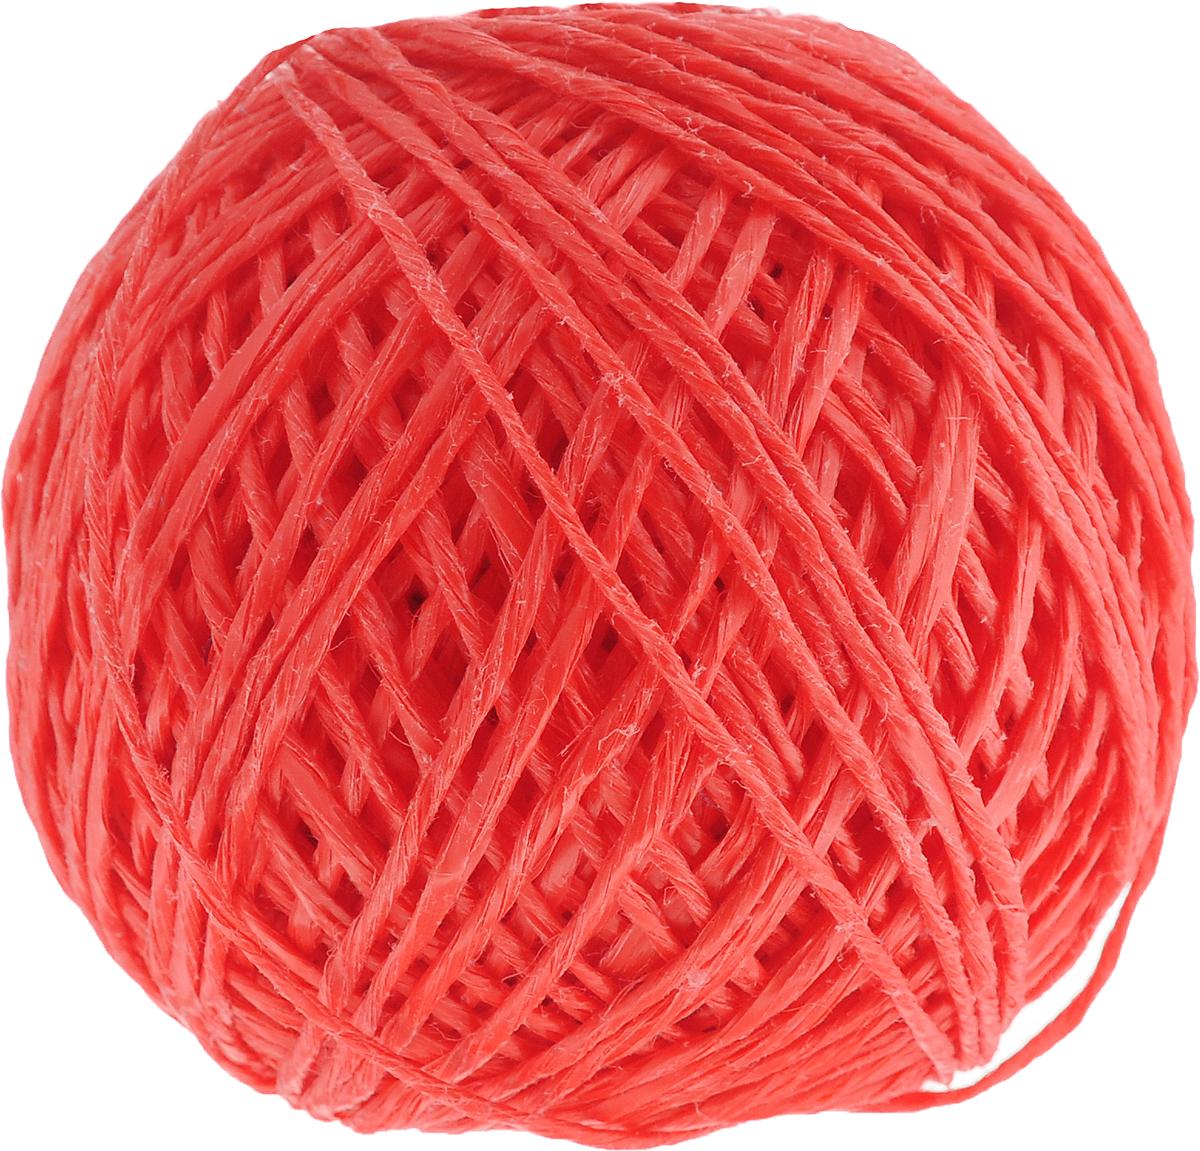 Шпагат Шнурком, цвет: коралловый, длина 100 мШпп_100_коралловыйПолипропиленовый шпагат Шнурком плотностью 1000 текс входит в категорию веревочной продукции, сырьем для которой являются синтетические волокна, в частности полипропиленовая нить. Данный материал характеризуется высокой прочностью и стойкостью к износу. Кроме того, он эластичен, гибок, не боится многократных изгибов, плотно облегает изделие при обвязке и легко завязывается в крепкие узлы. Относительная удельная плотность полипропиленовых шпагатов варьируется от 0,70 до 0,91 кг/м3. Температура плавления от 150 до 170°C (в зависимости от вида и модели шпагата). Удлинение под предельной нагрузкой (18-20%).Длина шпагата: 100 м. Толщина нити: 2 мм. Линейная плотность шпагата: 1000 текс.